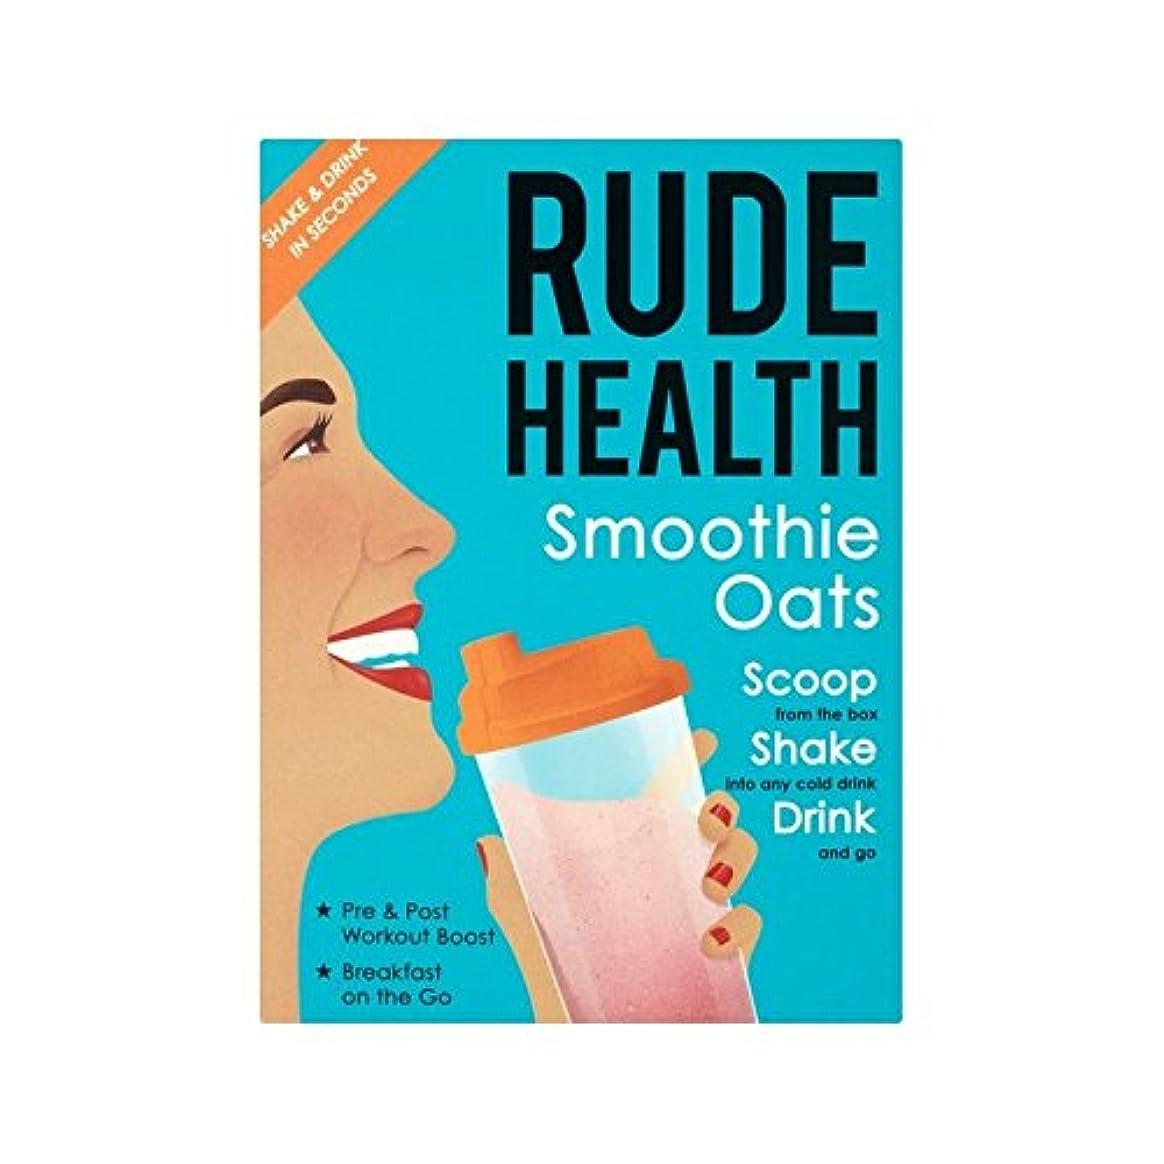 再生的添付油スムージーオート麦250グラム (Rude Health) (x 6) - Rude Health Smoothie Oats 250g (Pack of 6) [並行輸入品]